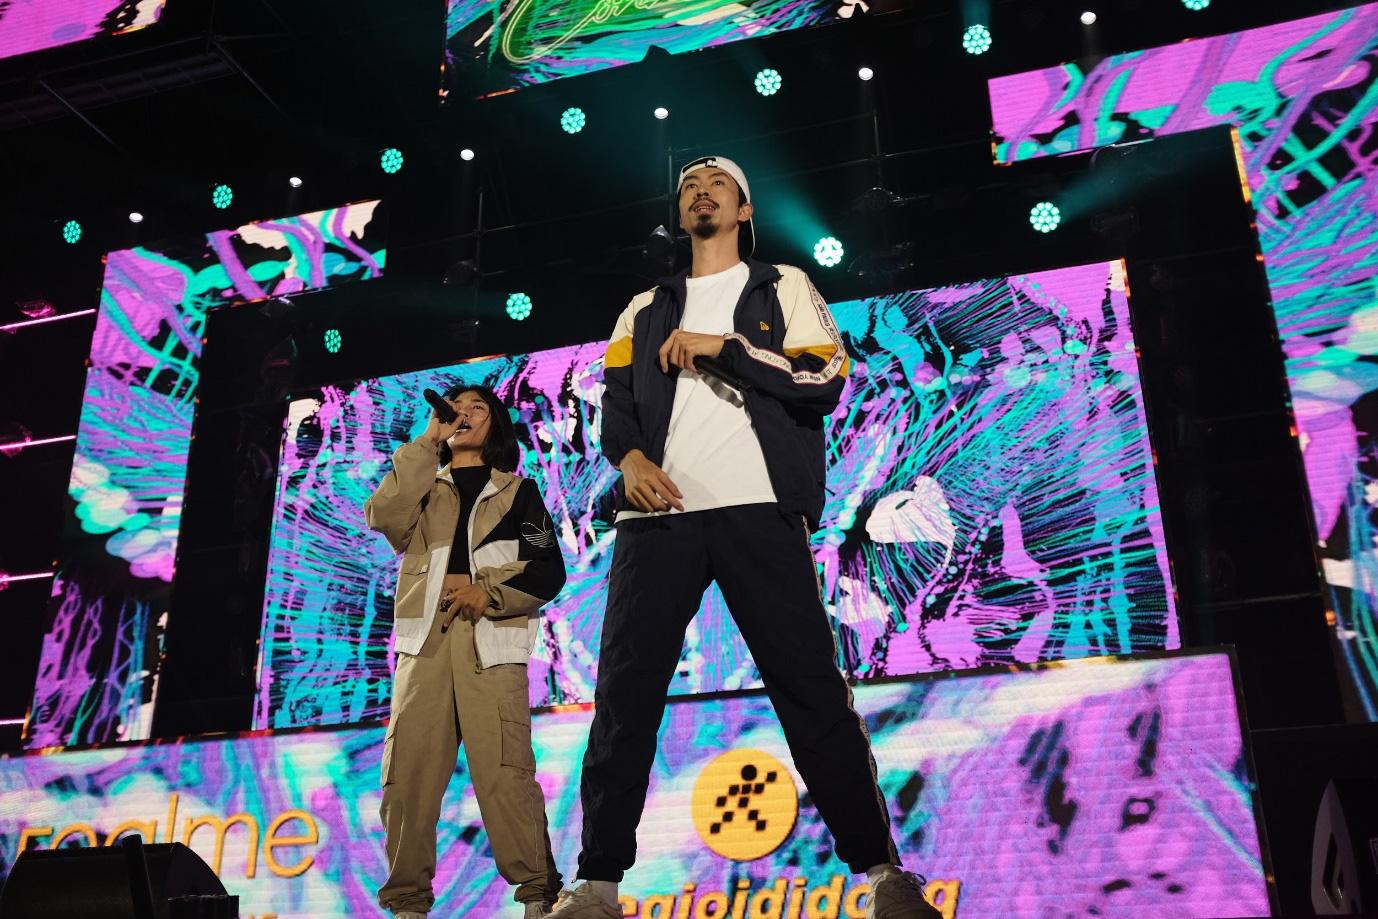 Dấu ấn Realme để lại trong năm 2019: ra mắt sản phẩm mới, xây dựng cộng đồng Realfan và tổ chức 2 đại nhạc hội hoành tráng - Ảnh 6.